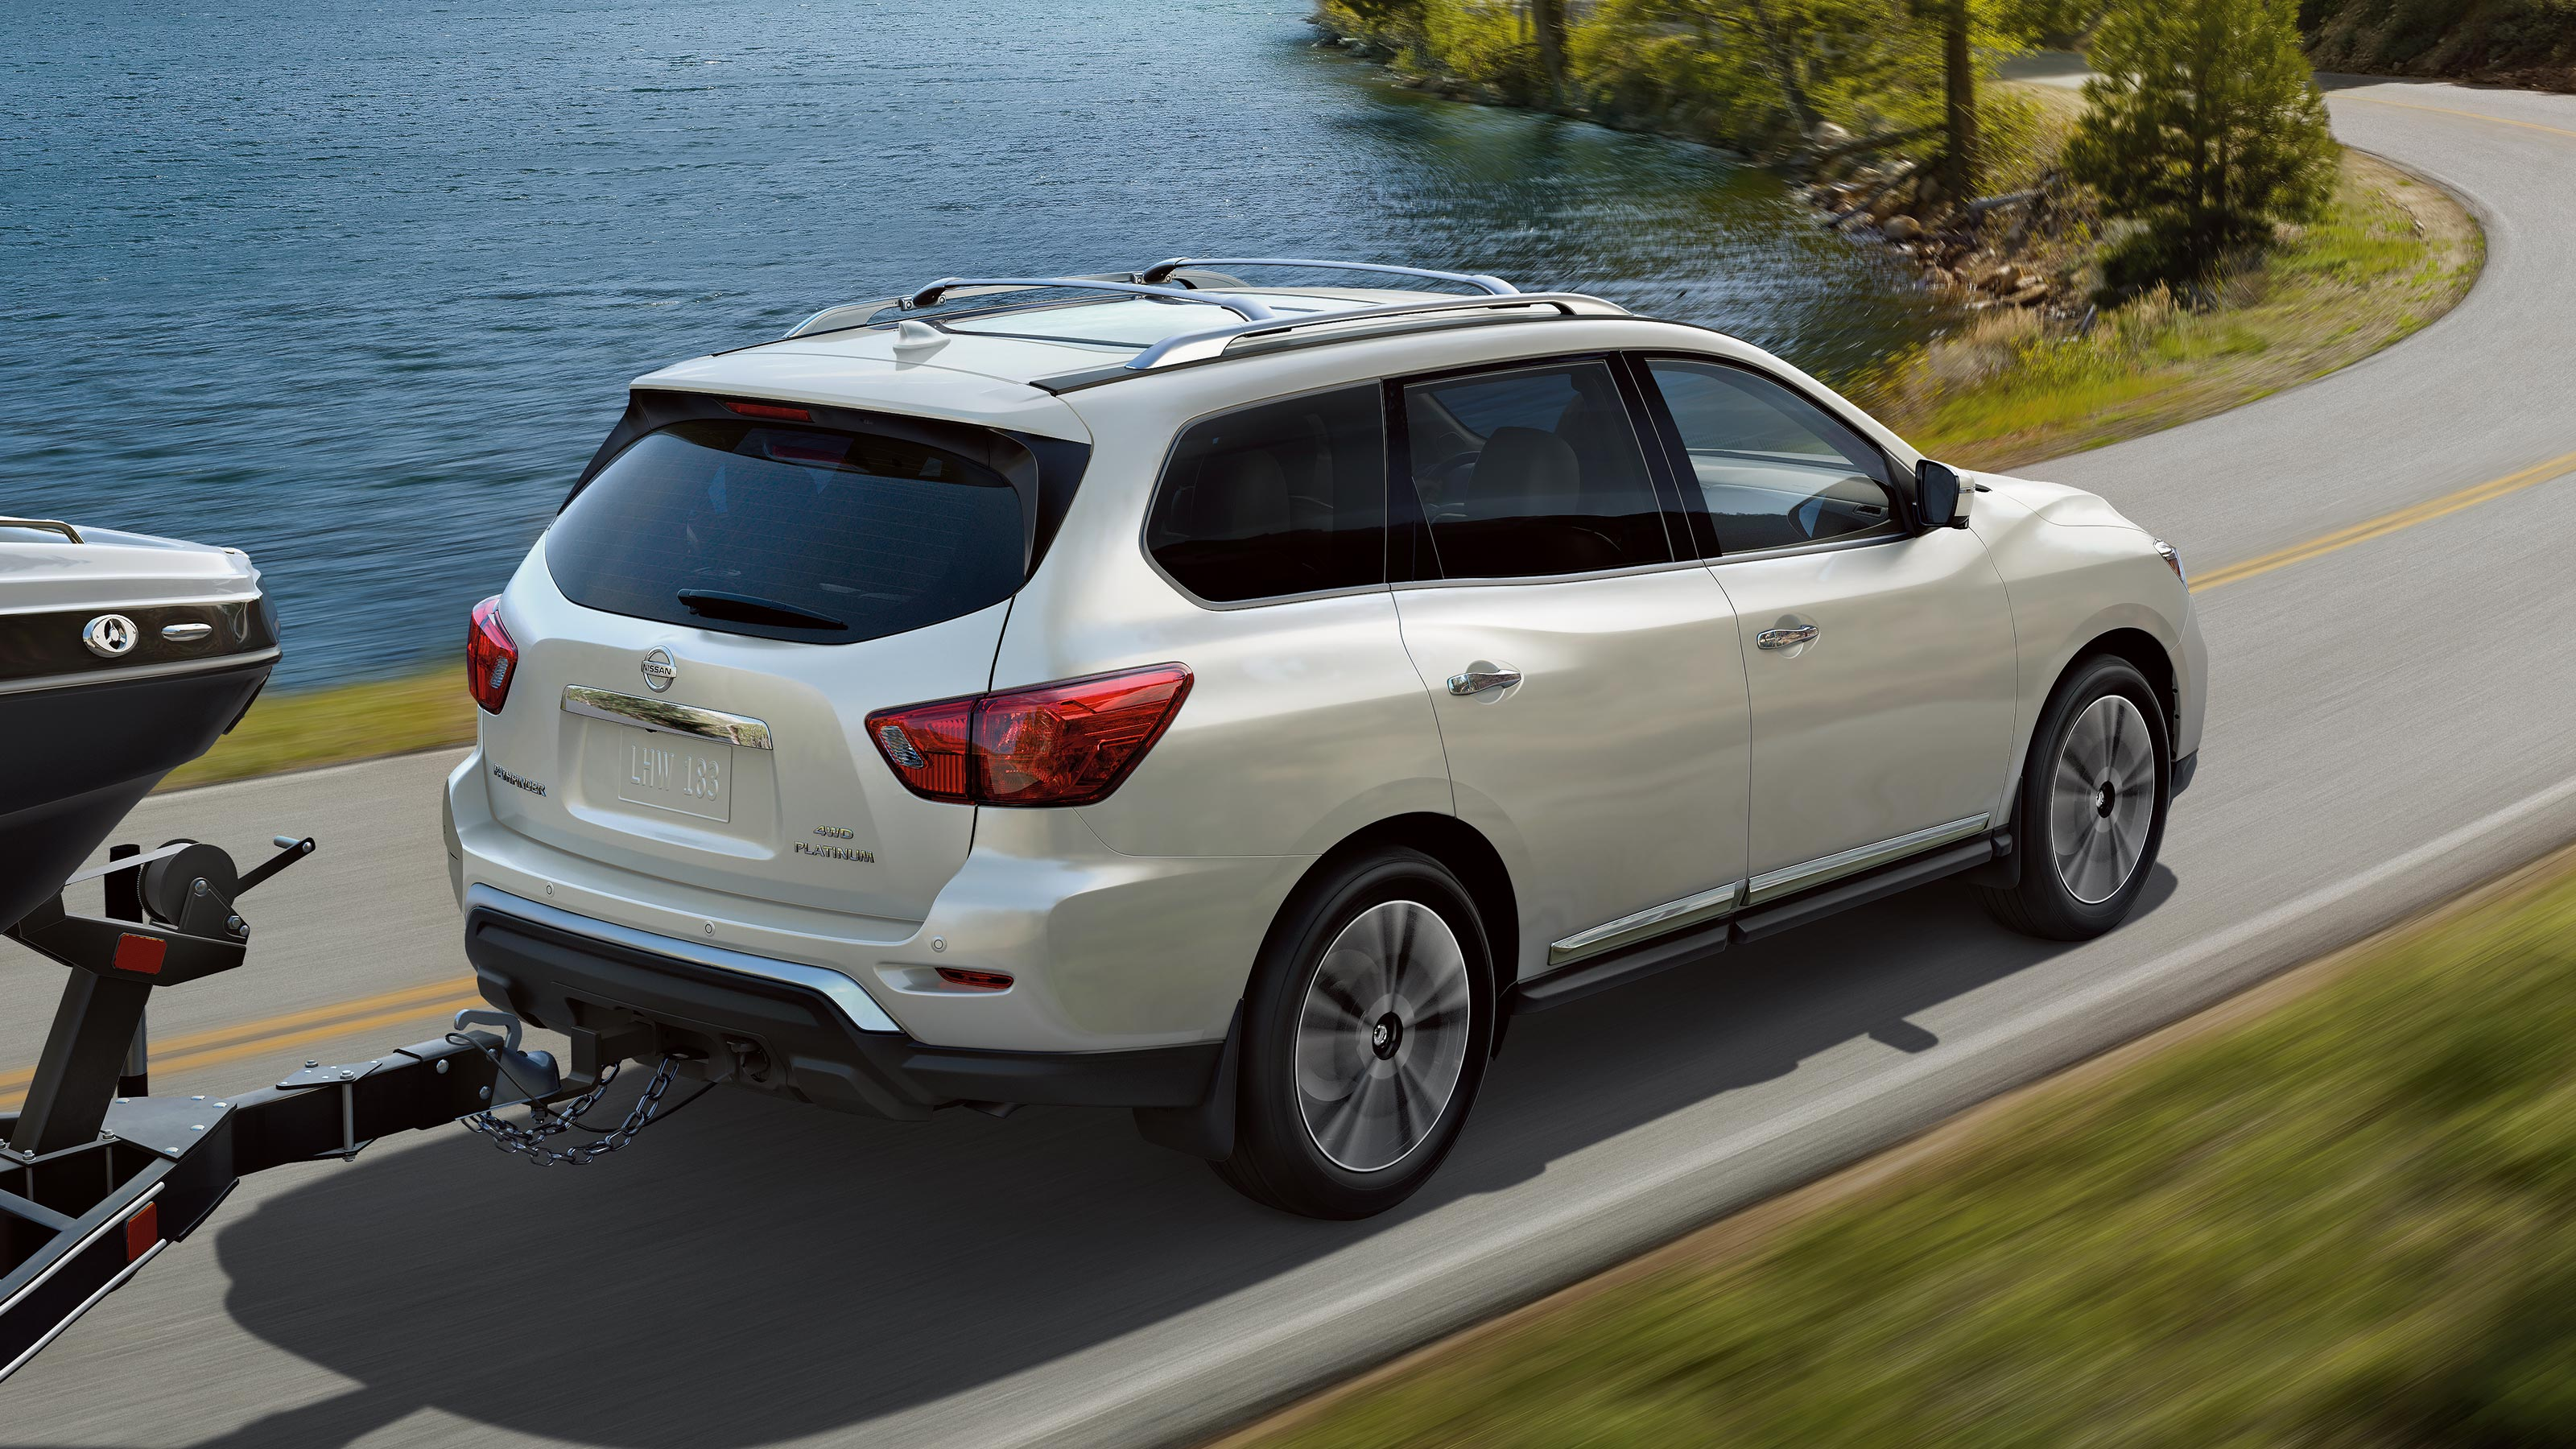 Nissan Pathfinder Lease >> 2020 Nissan Pathfinder Financing Lease Deals Nj